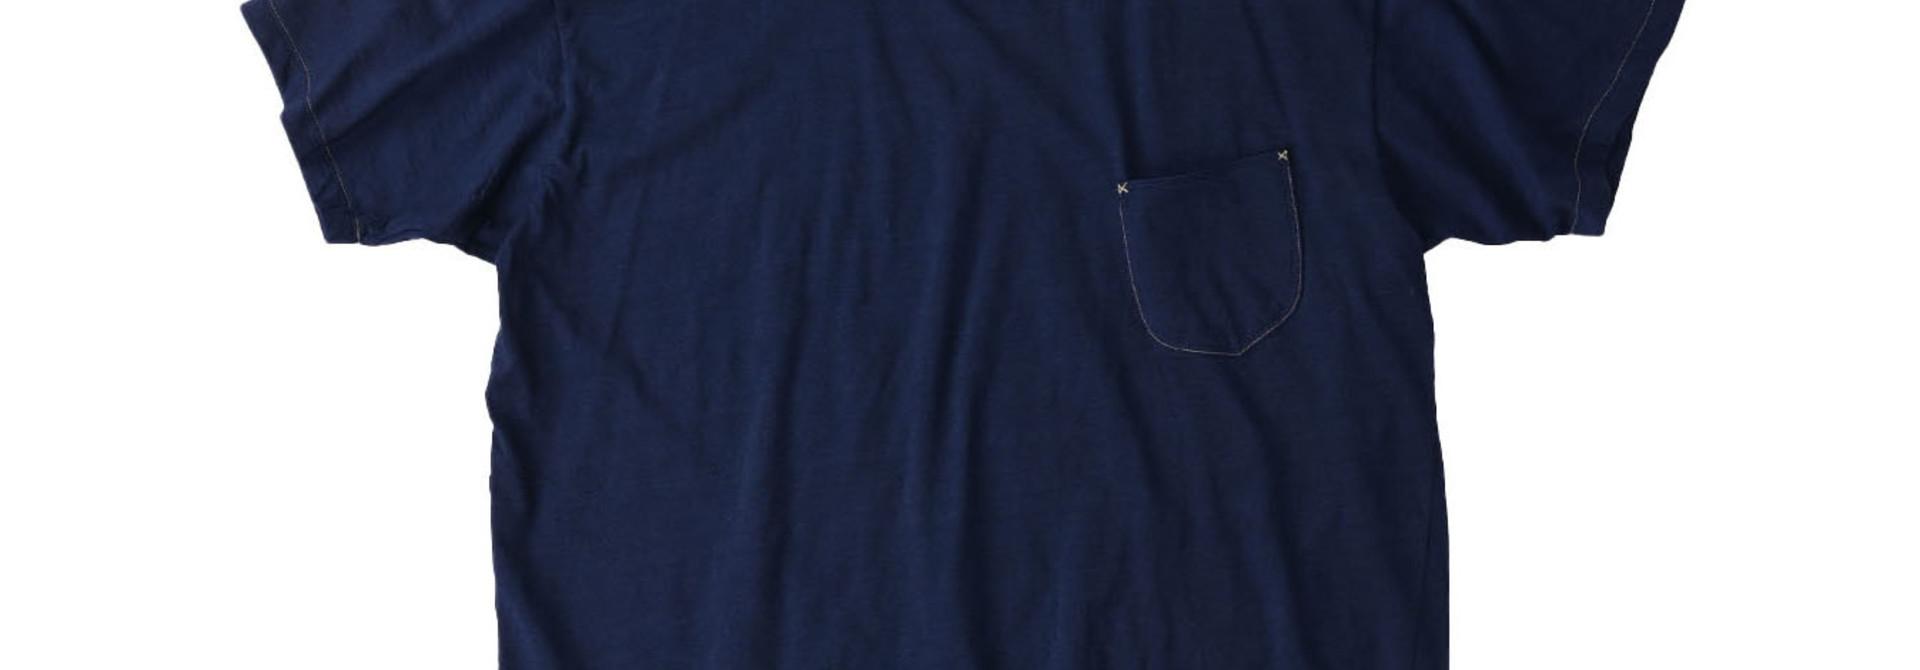 Indigo Tenjiku 908 Ocean T-Shirt (0621)